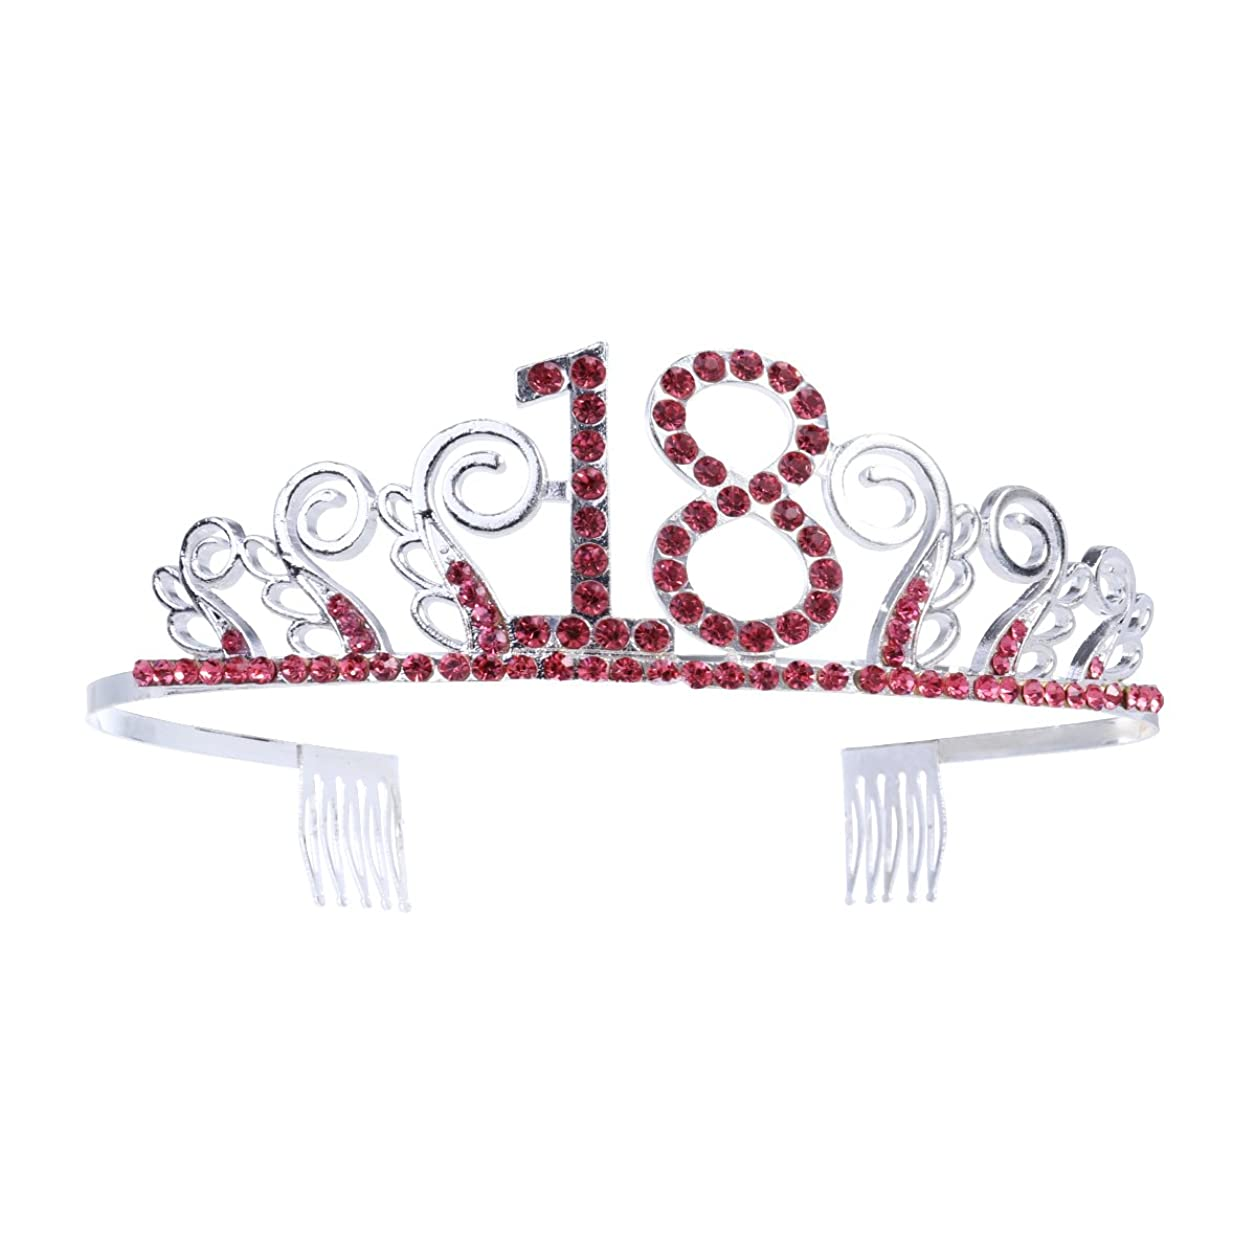 回転ランダム噴出するBeaupretty クリスタルラインストーンガールズ18歳の誕生日ティアラプリンセスクラウンと髪の櫛18歳の誕生日結婚記念日の彼女への贈り物(シルバーレッド)